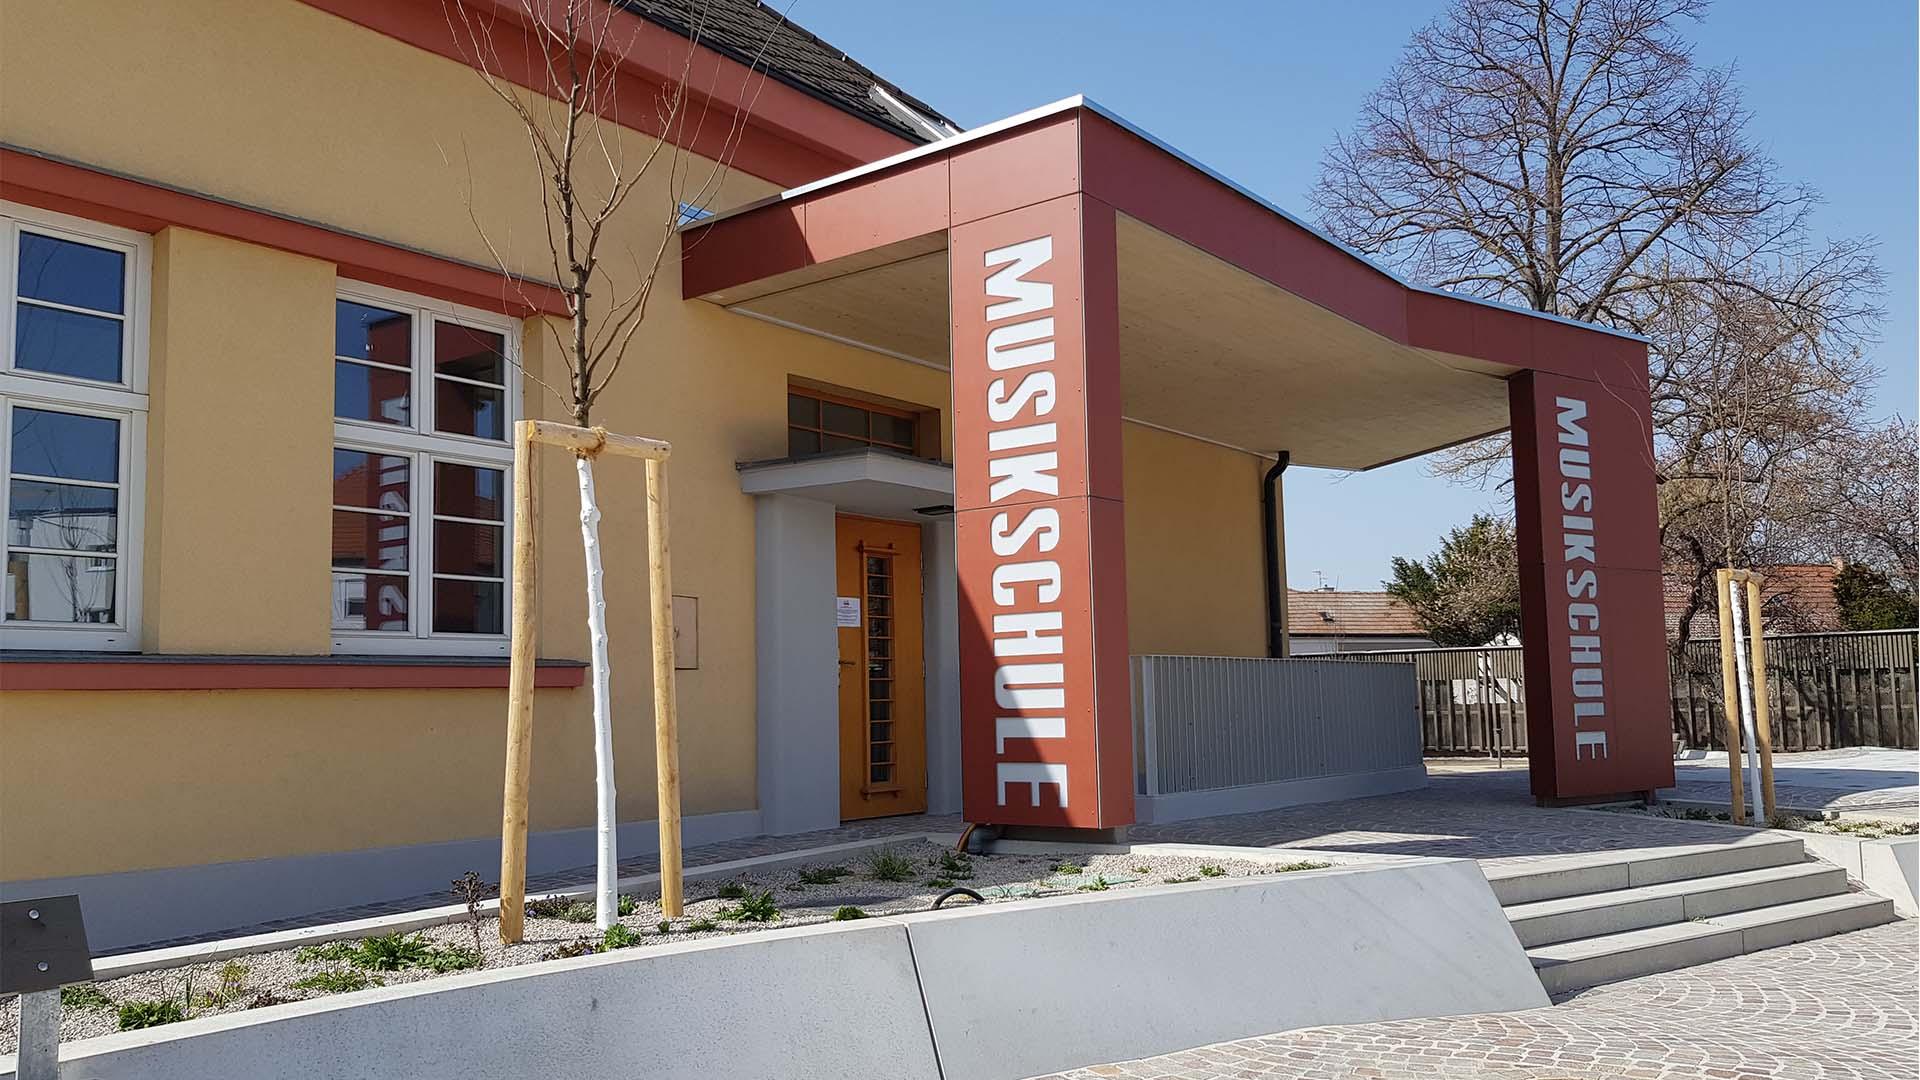 musikschule sanierung deutsch wagram